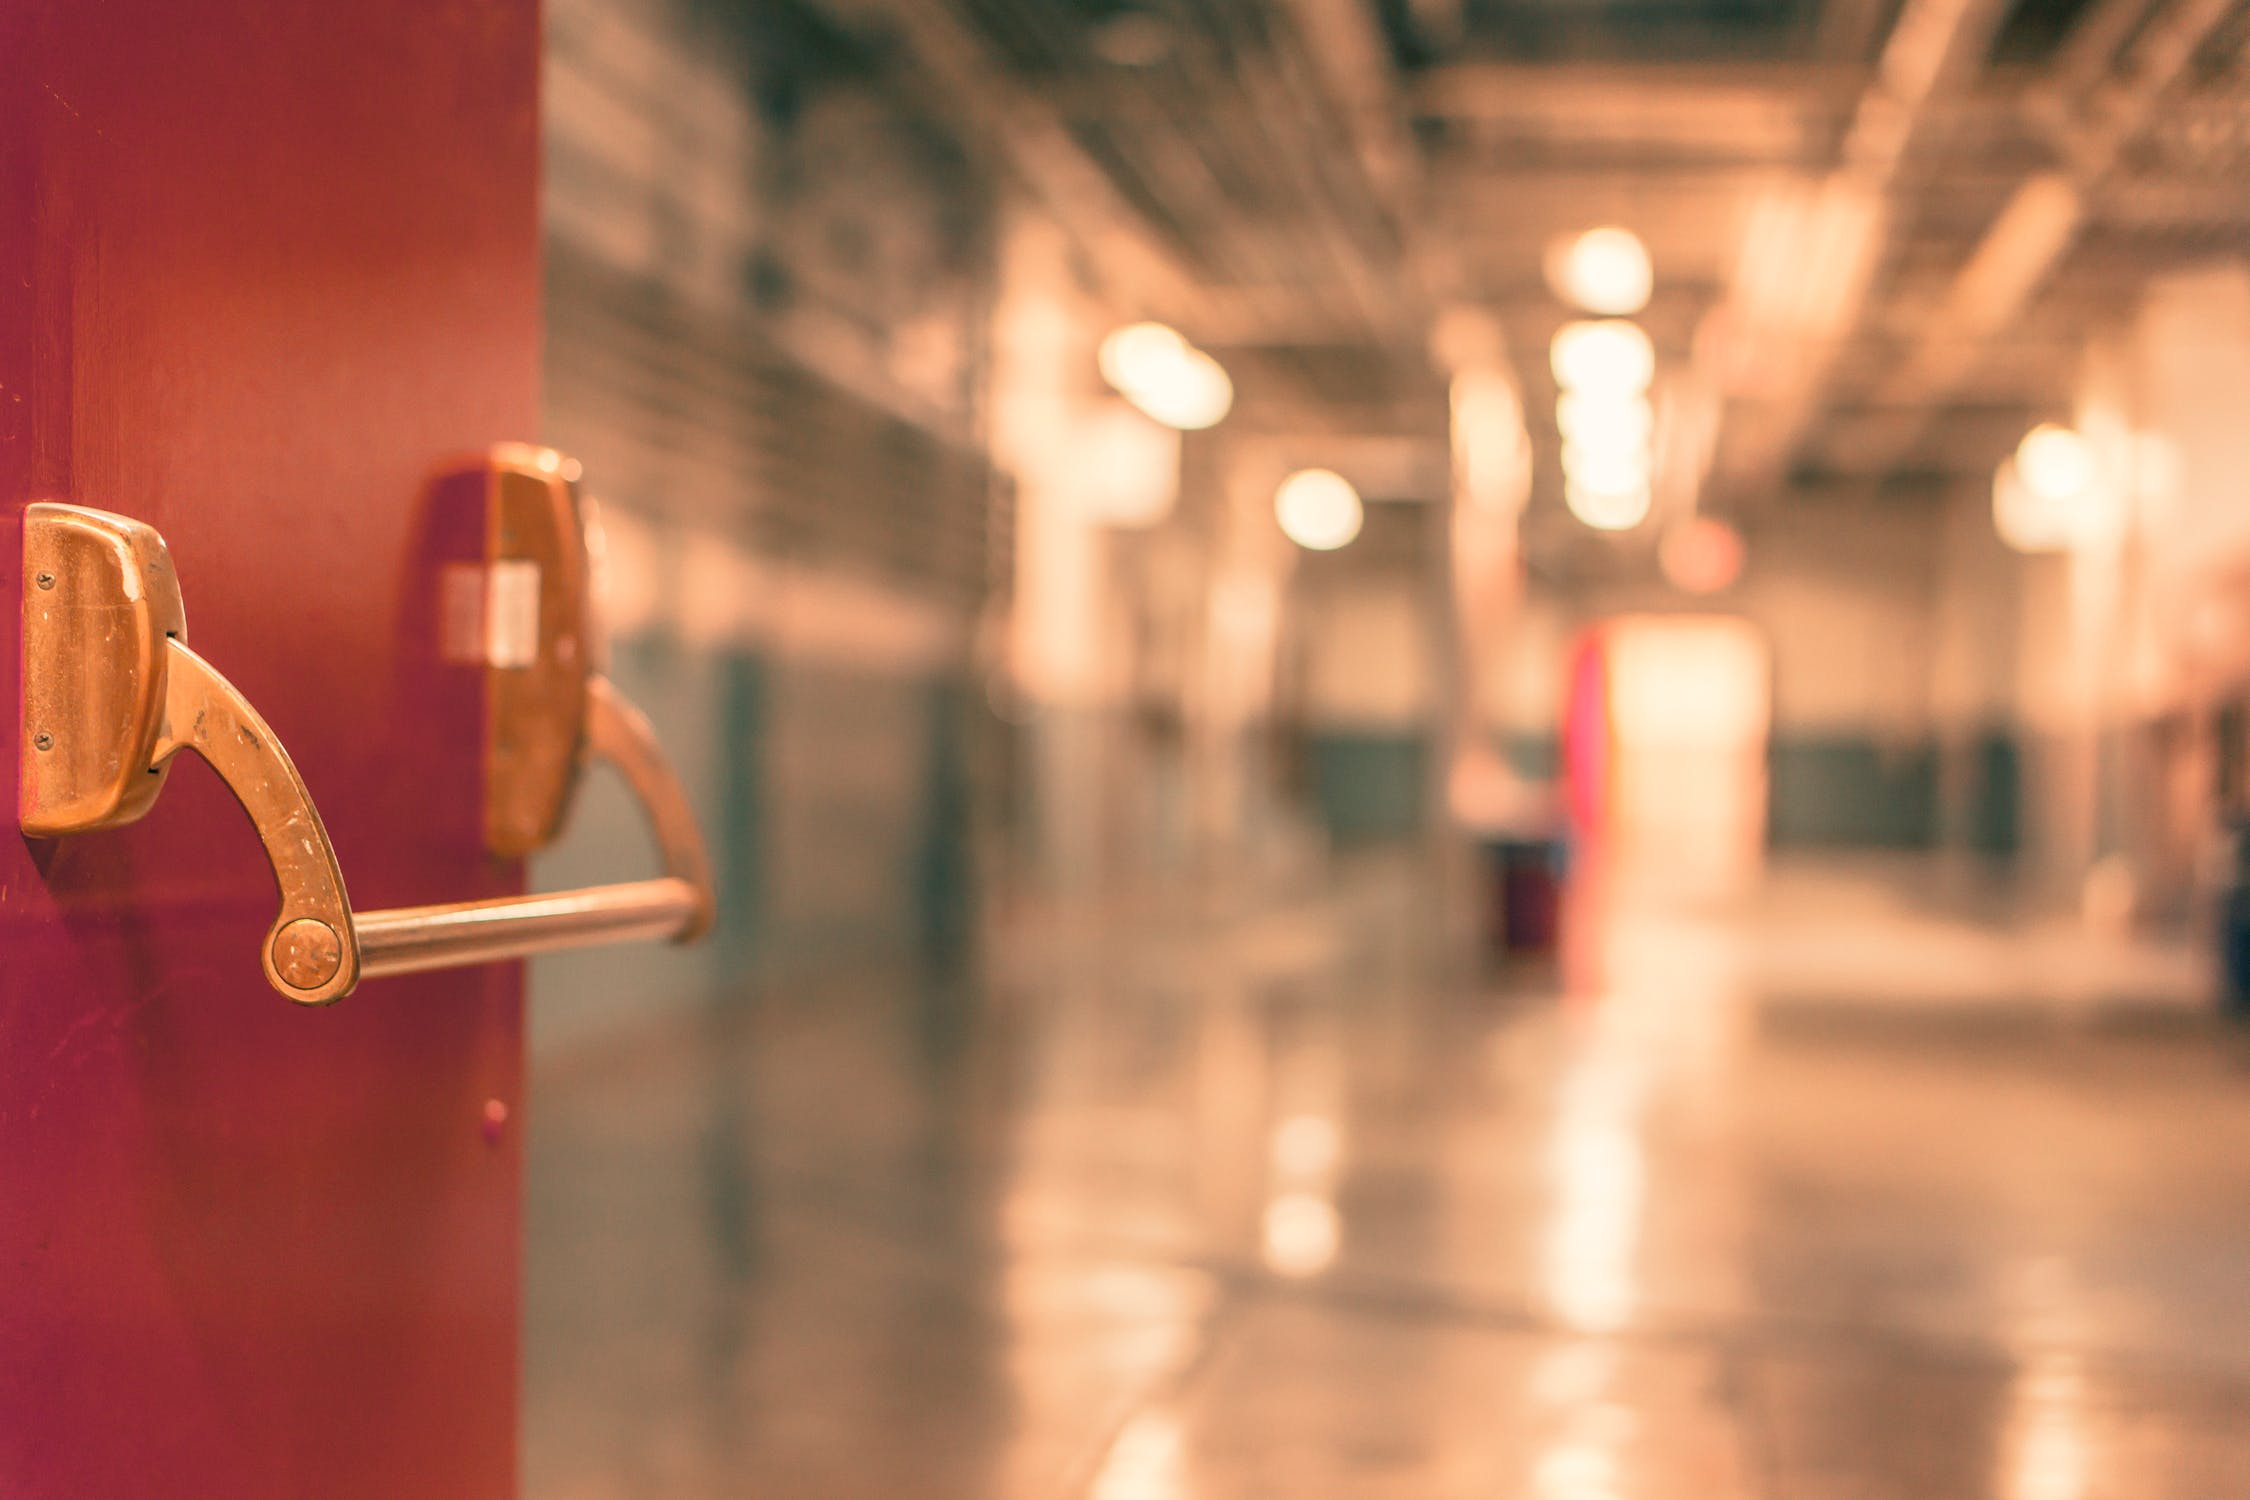 Red door school hallway